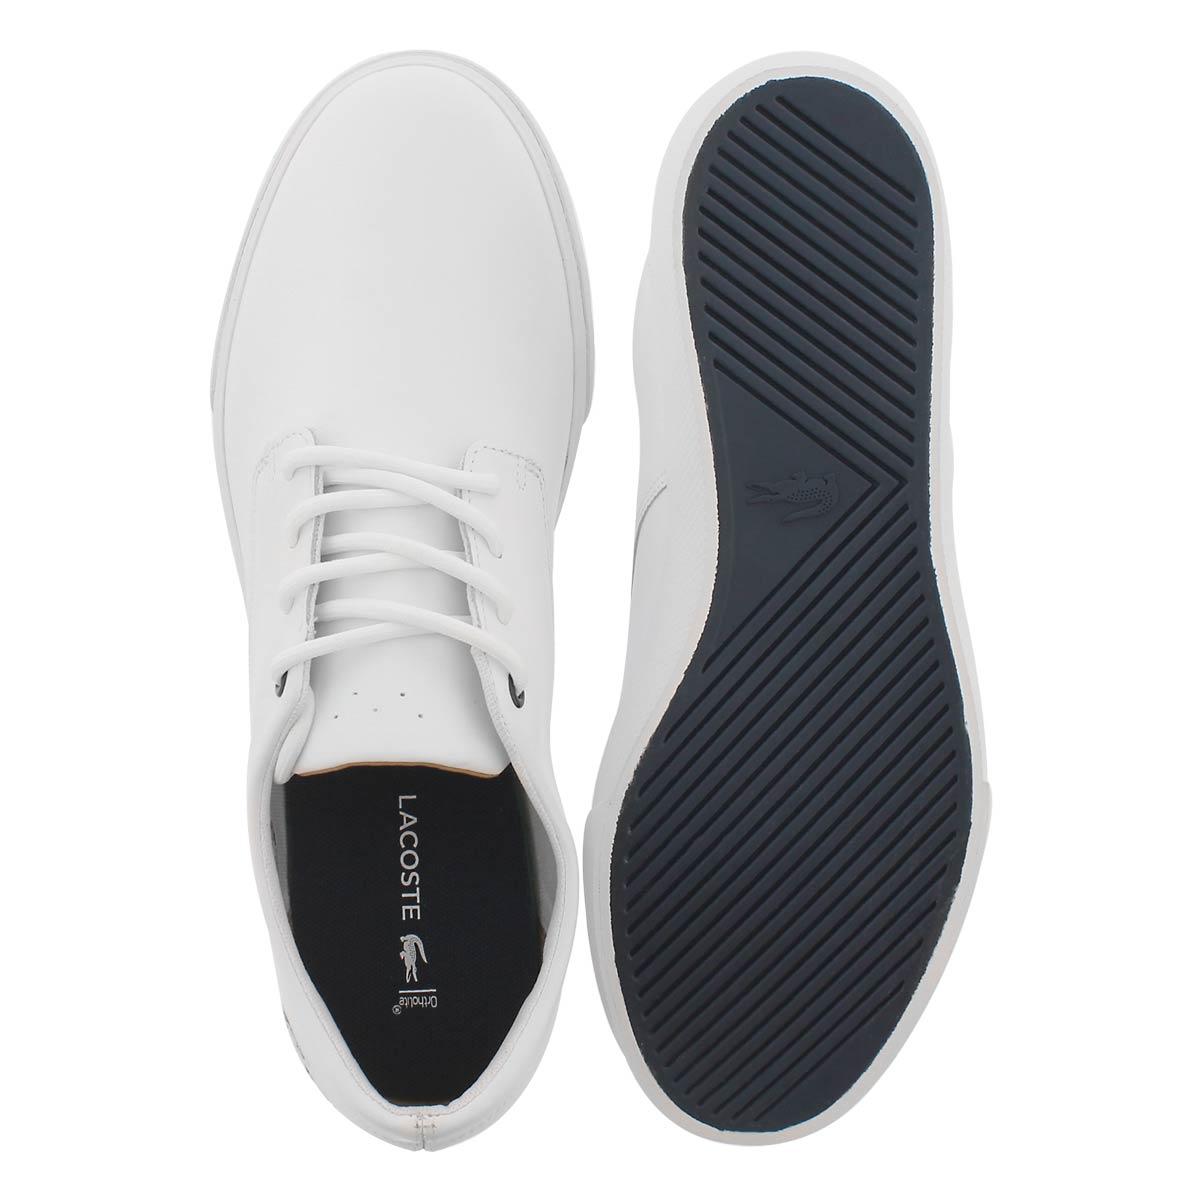 Mns Acitus 118 1 P wht/wht sneaker